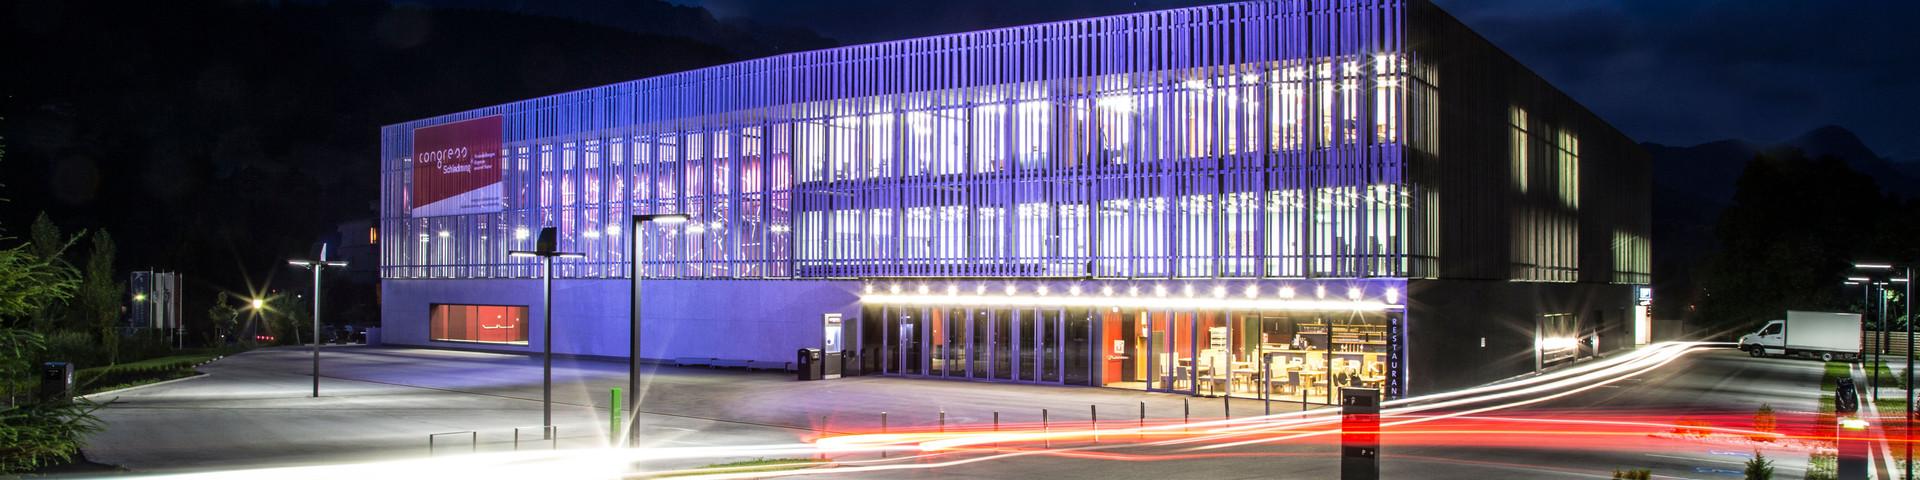 congress Schladming - Aussenansicht bei Nacht © congress Schladming | MOOM/Steiner